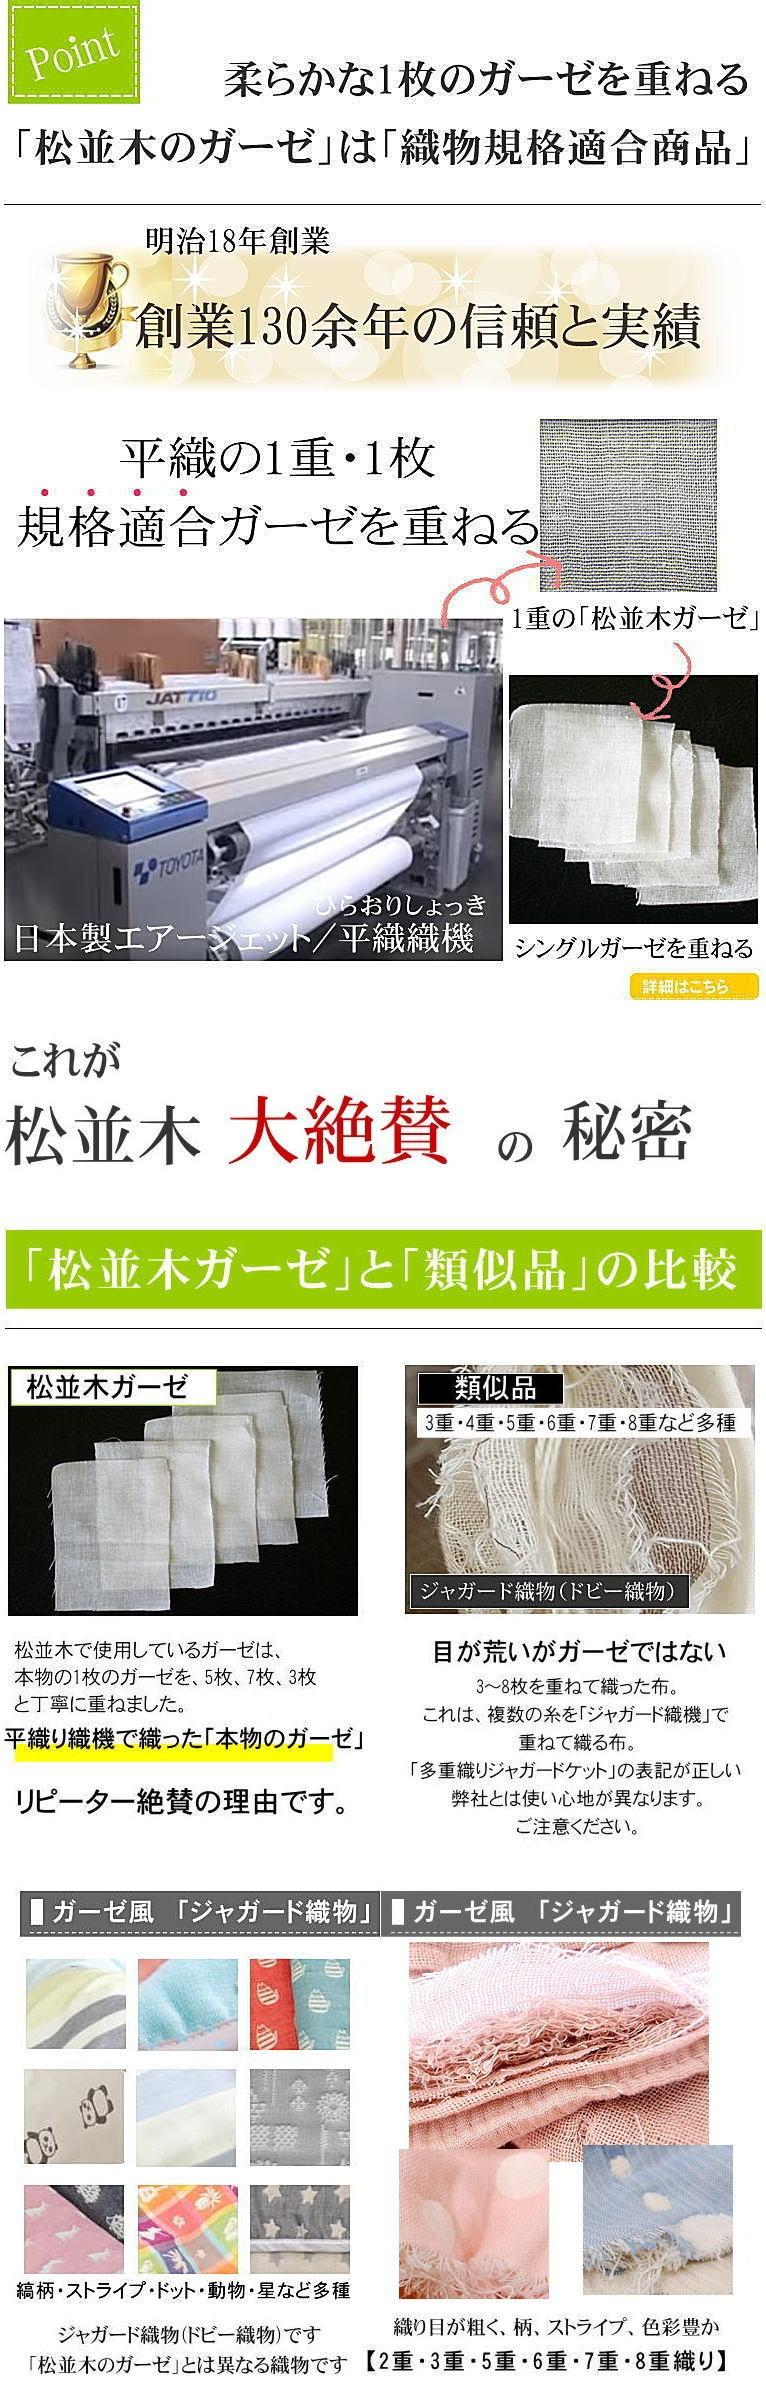 本物の ガーゼ 肌掛け 綿毛布 楽天1位 敏感肌にもやさしい 無添加ガーゼケット 松並木 日本製